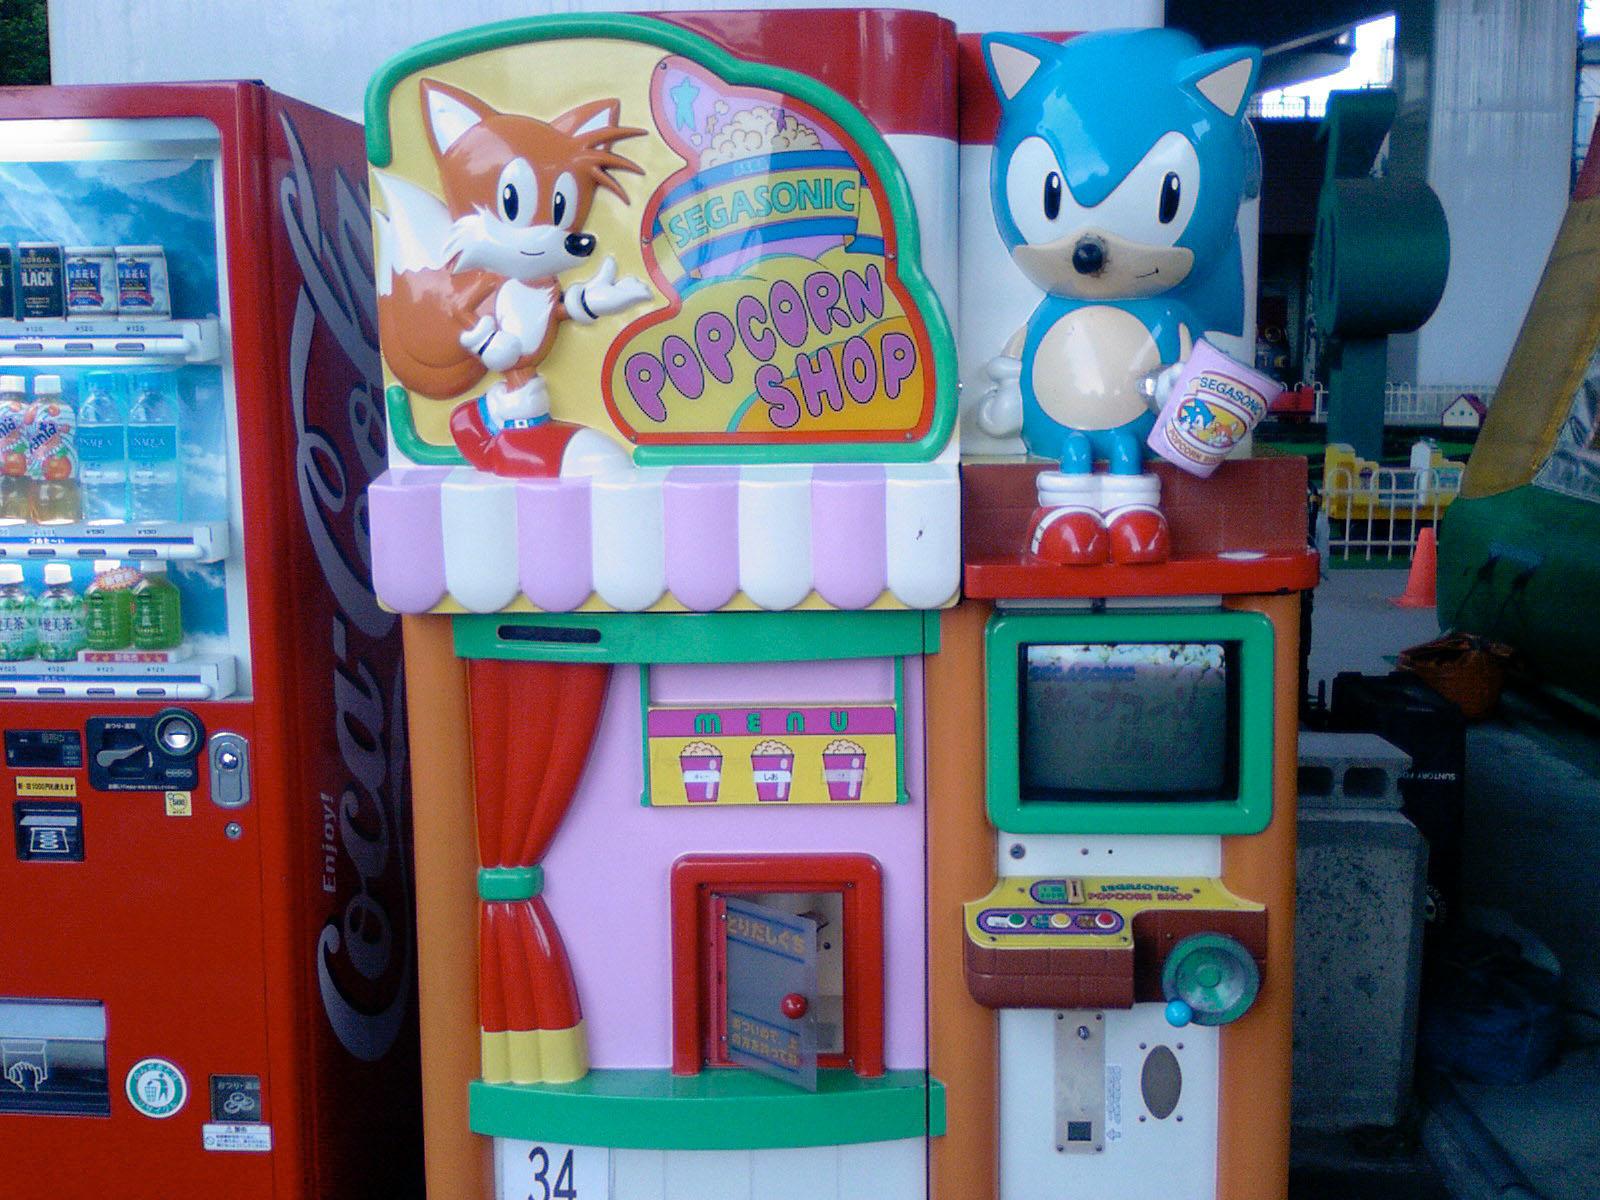 home sonic machine